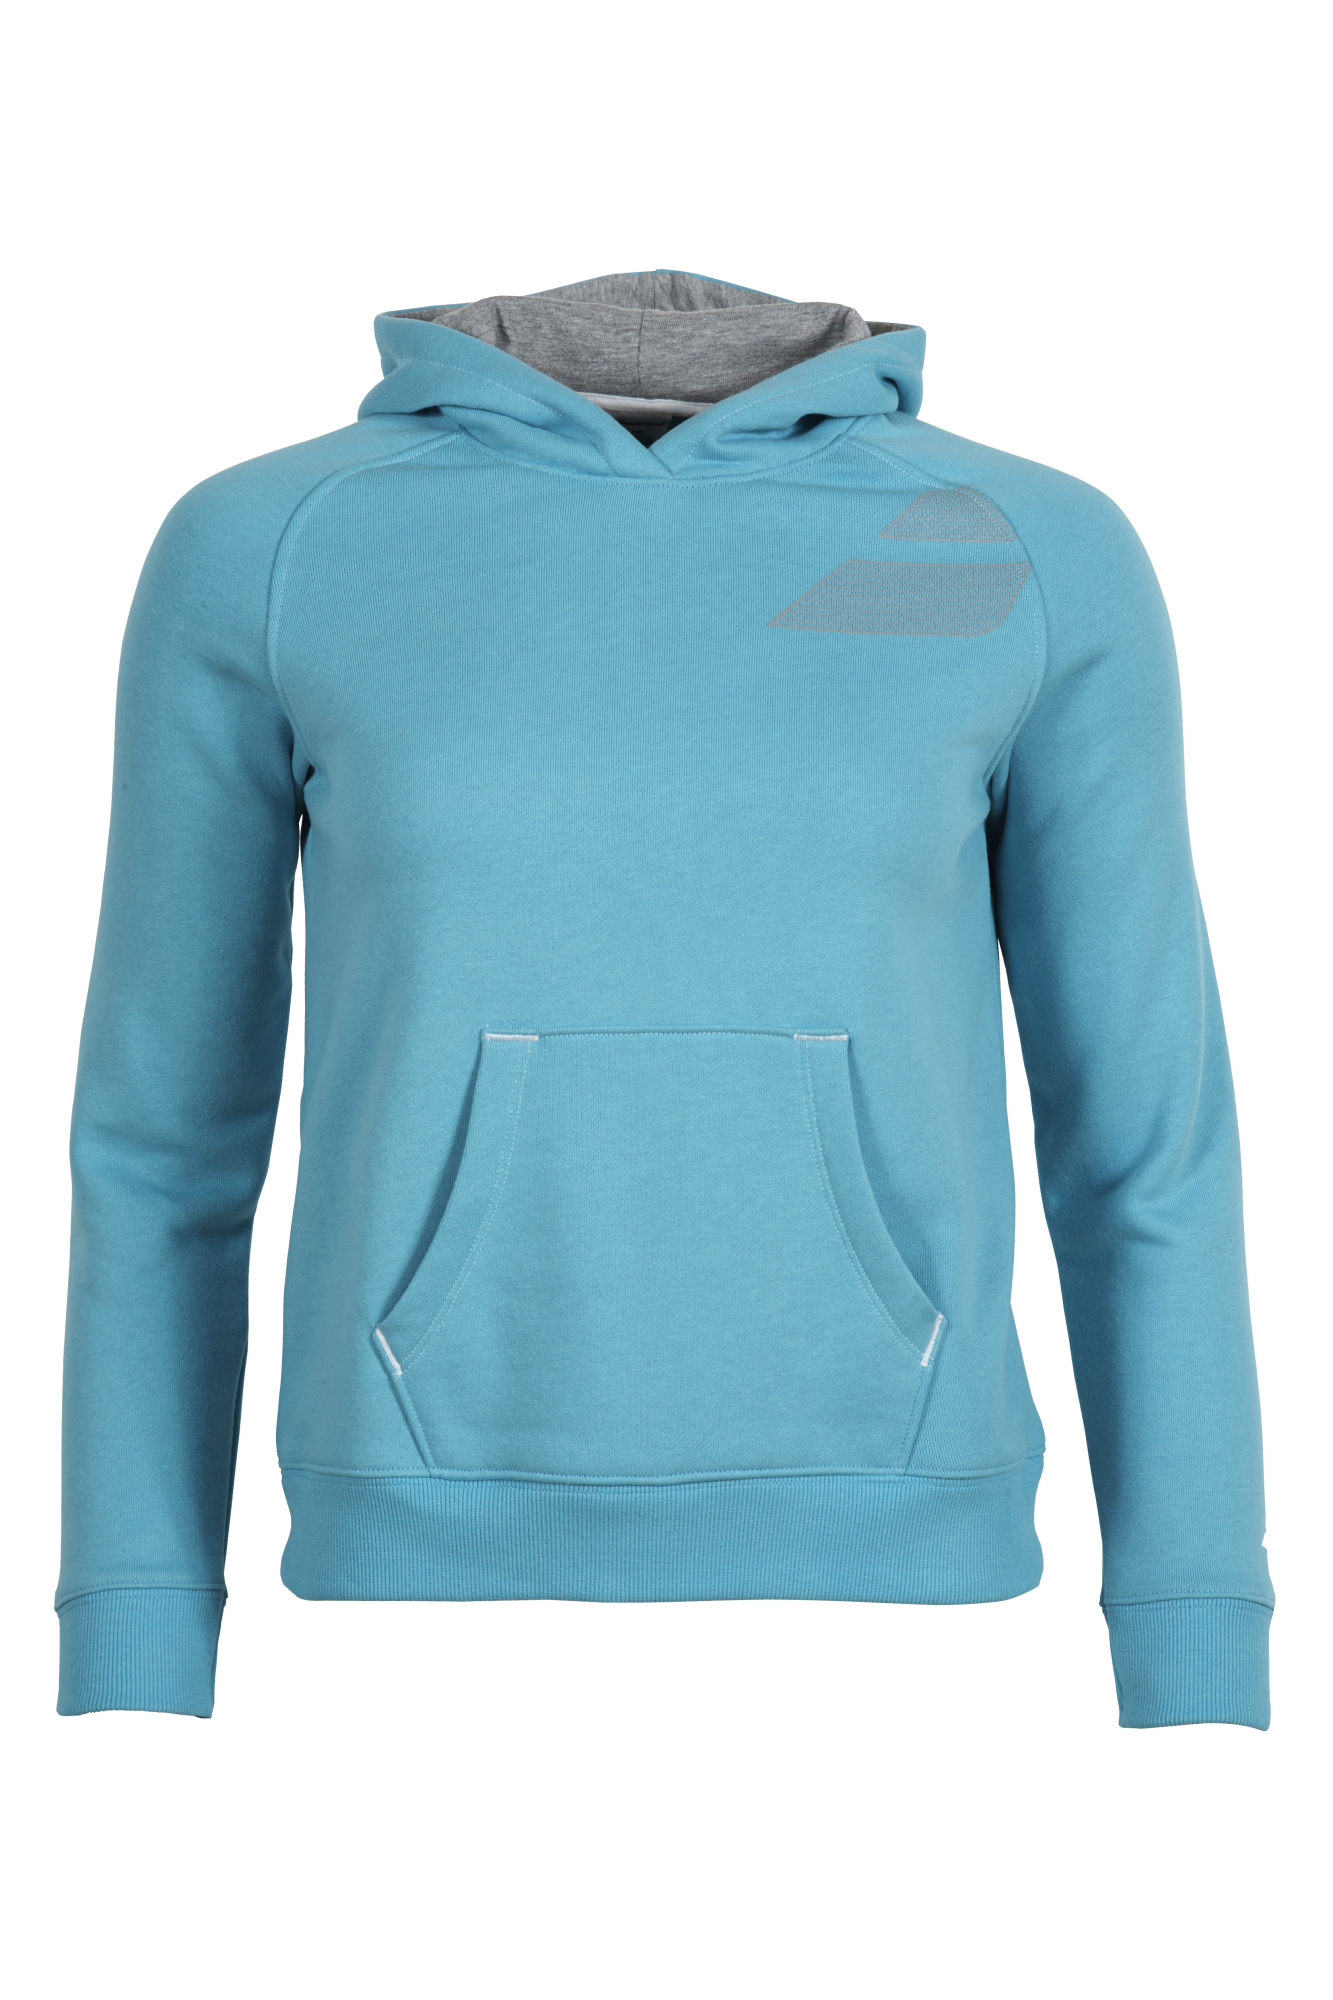 Babolat Sweat Training Girl Turquoise 2015 128